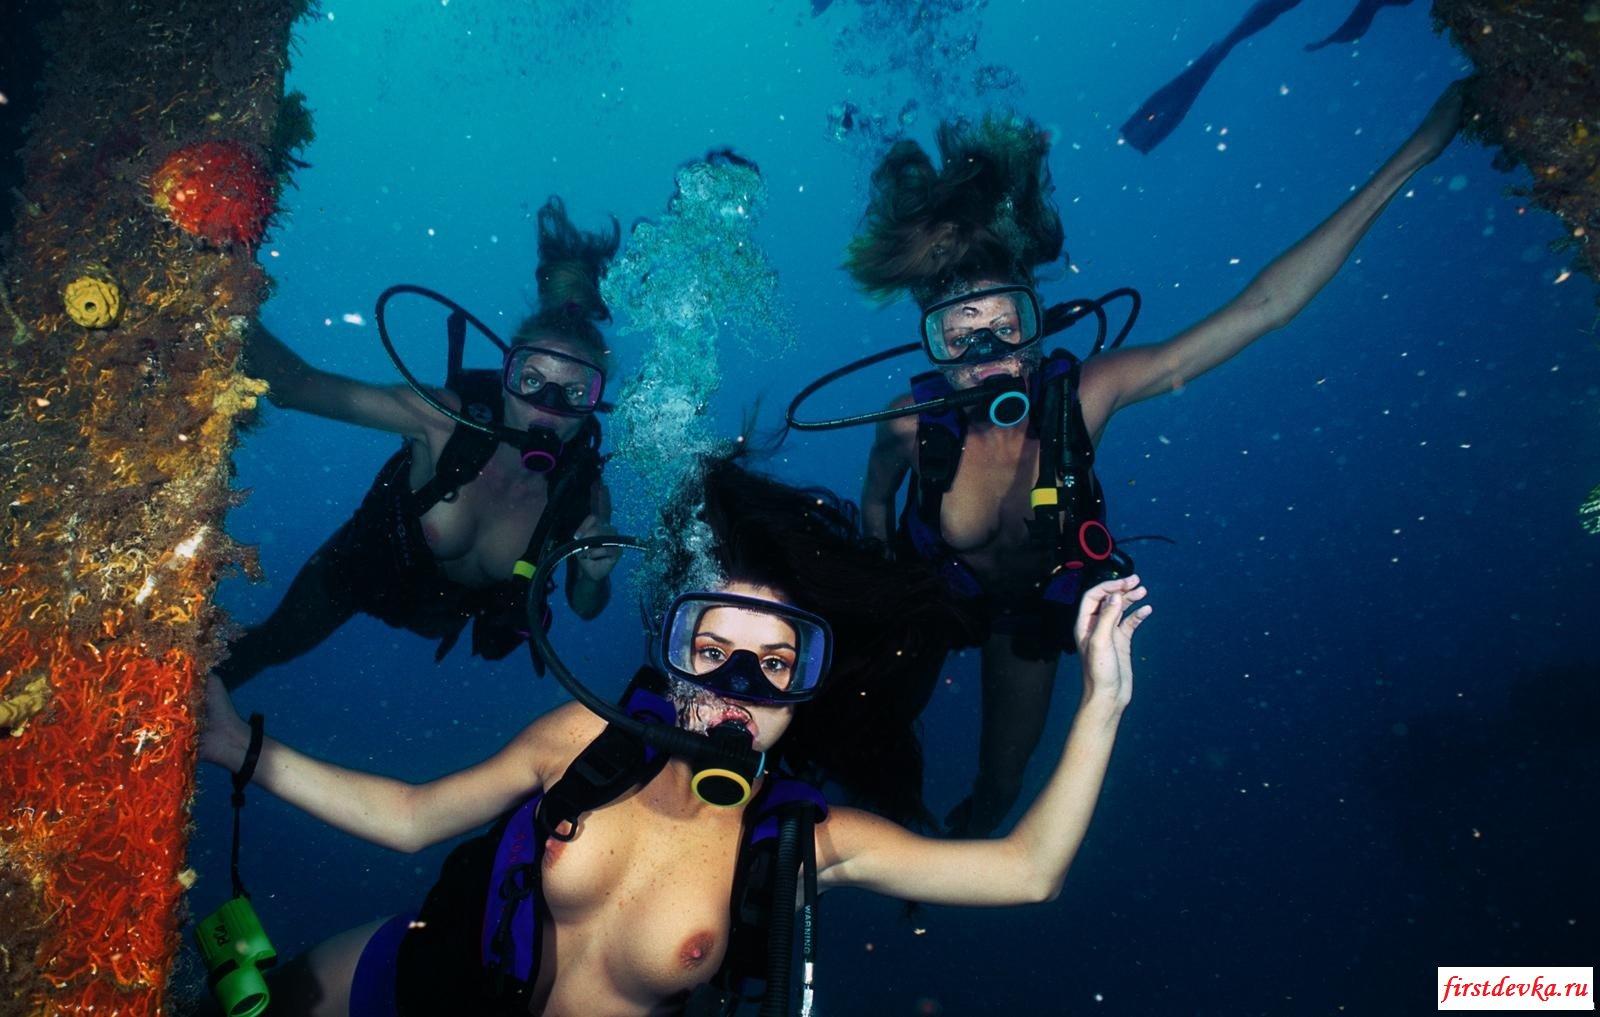 Без нижнего белья под воду (18 фото) смотреть эротику